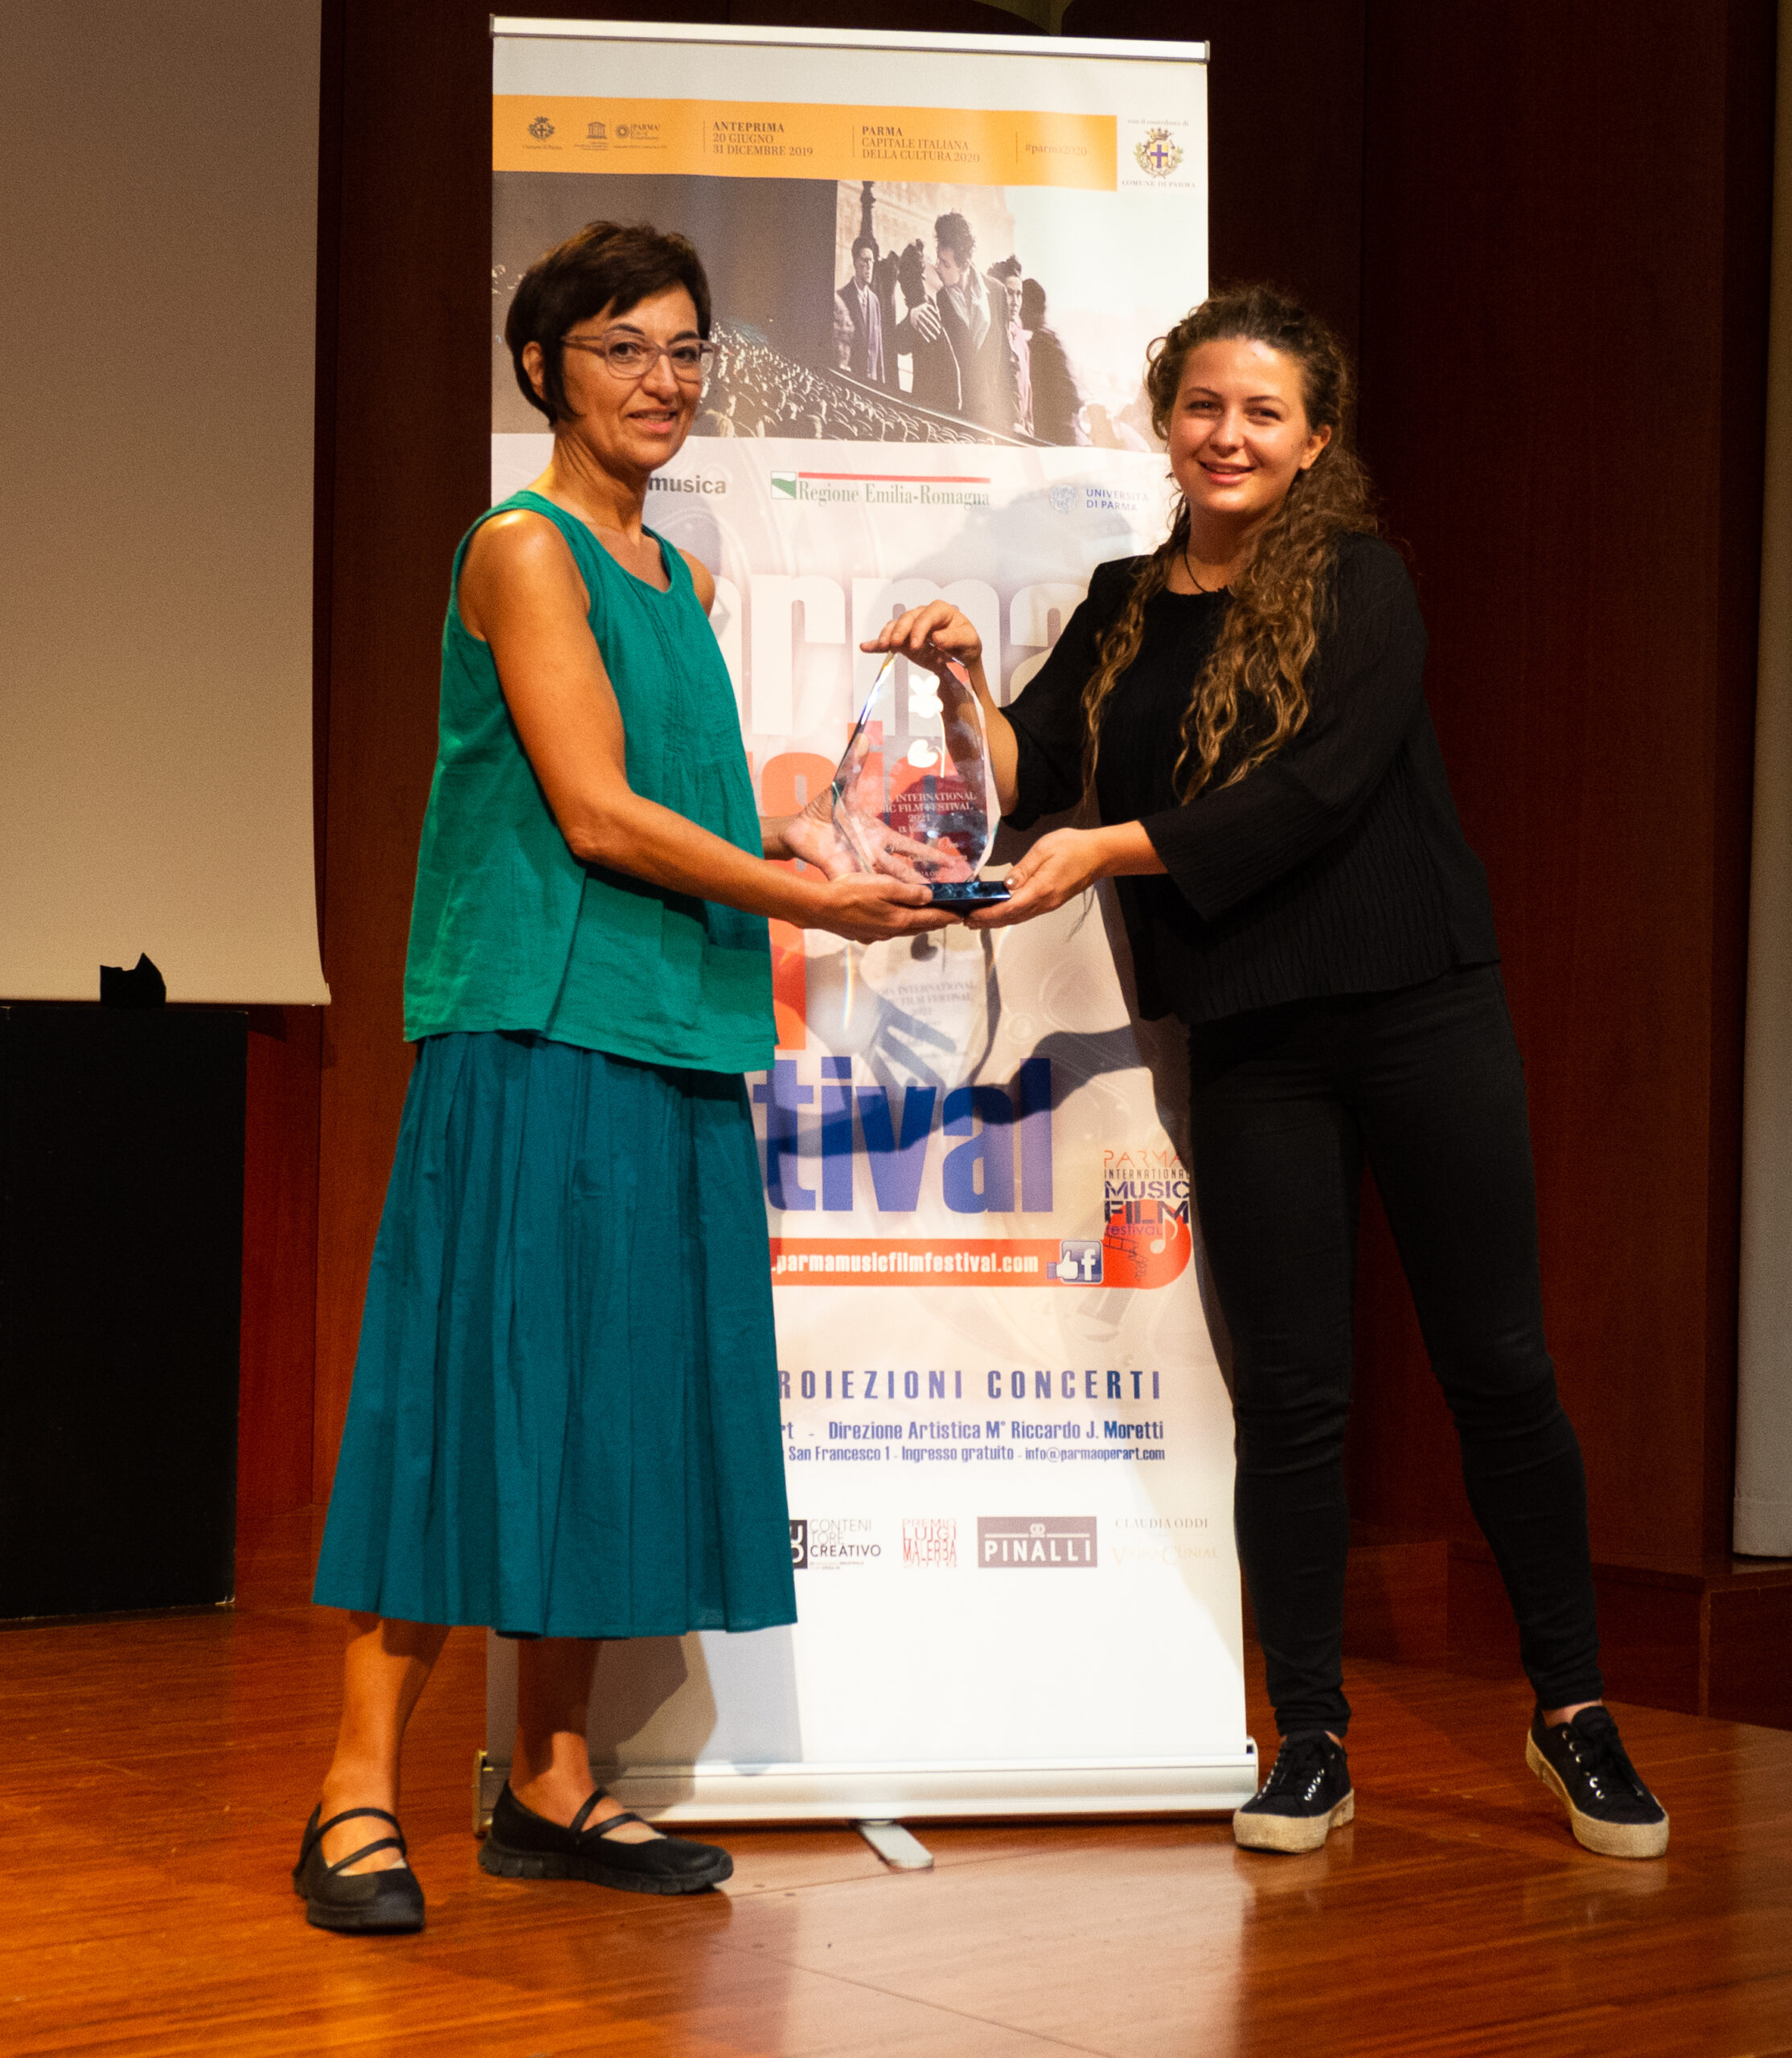 IX Edizione del Parma International Music FIlm Festival: i vincitori